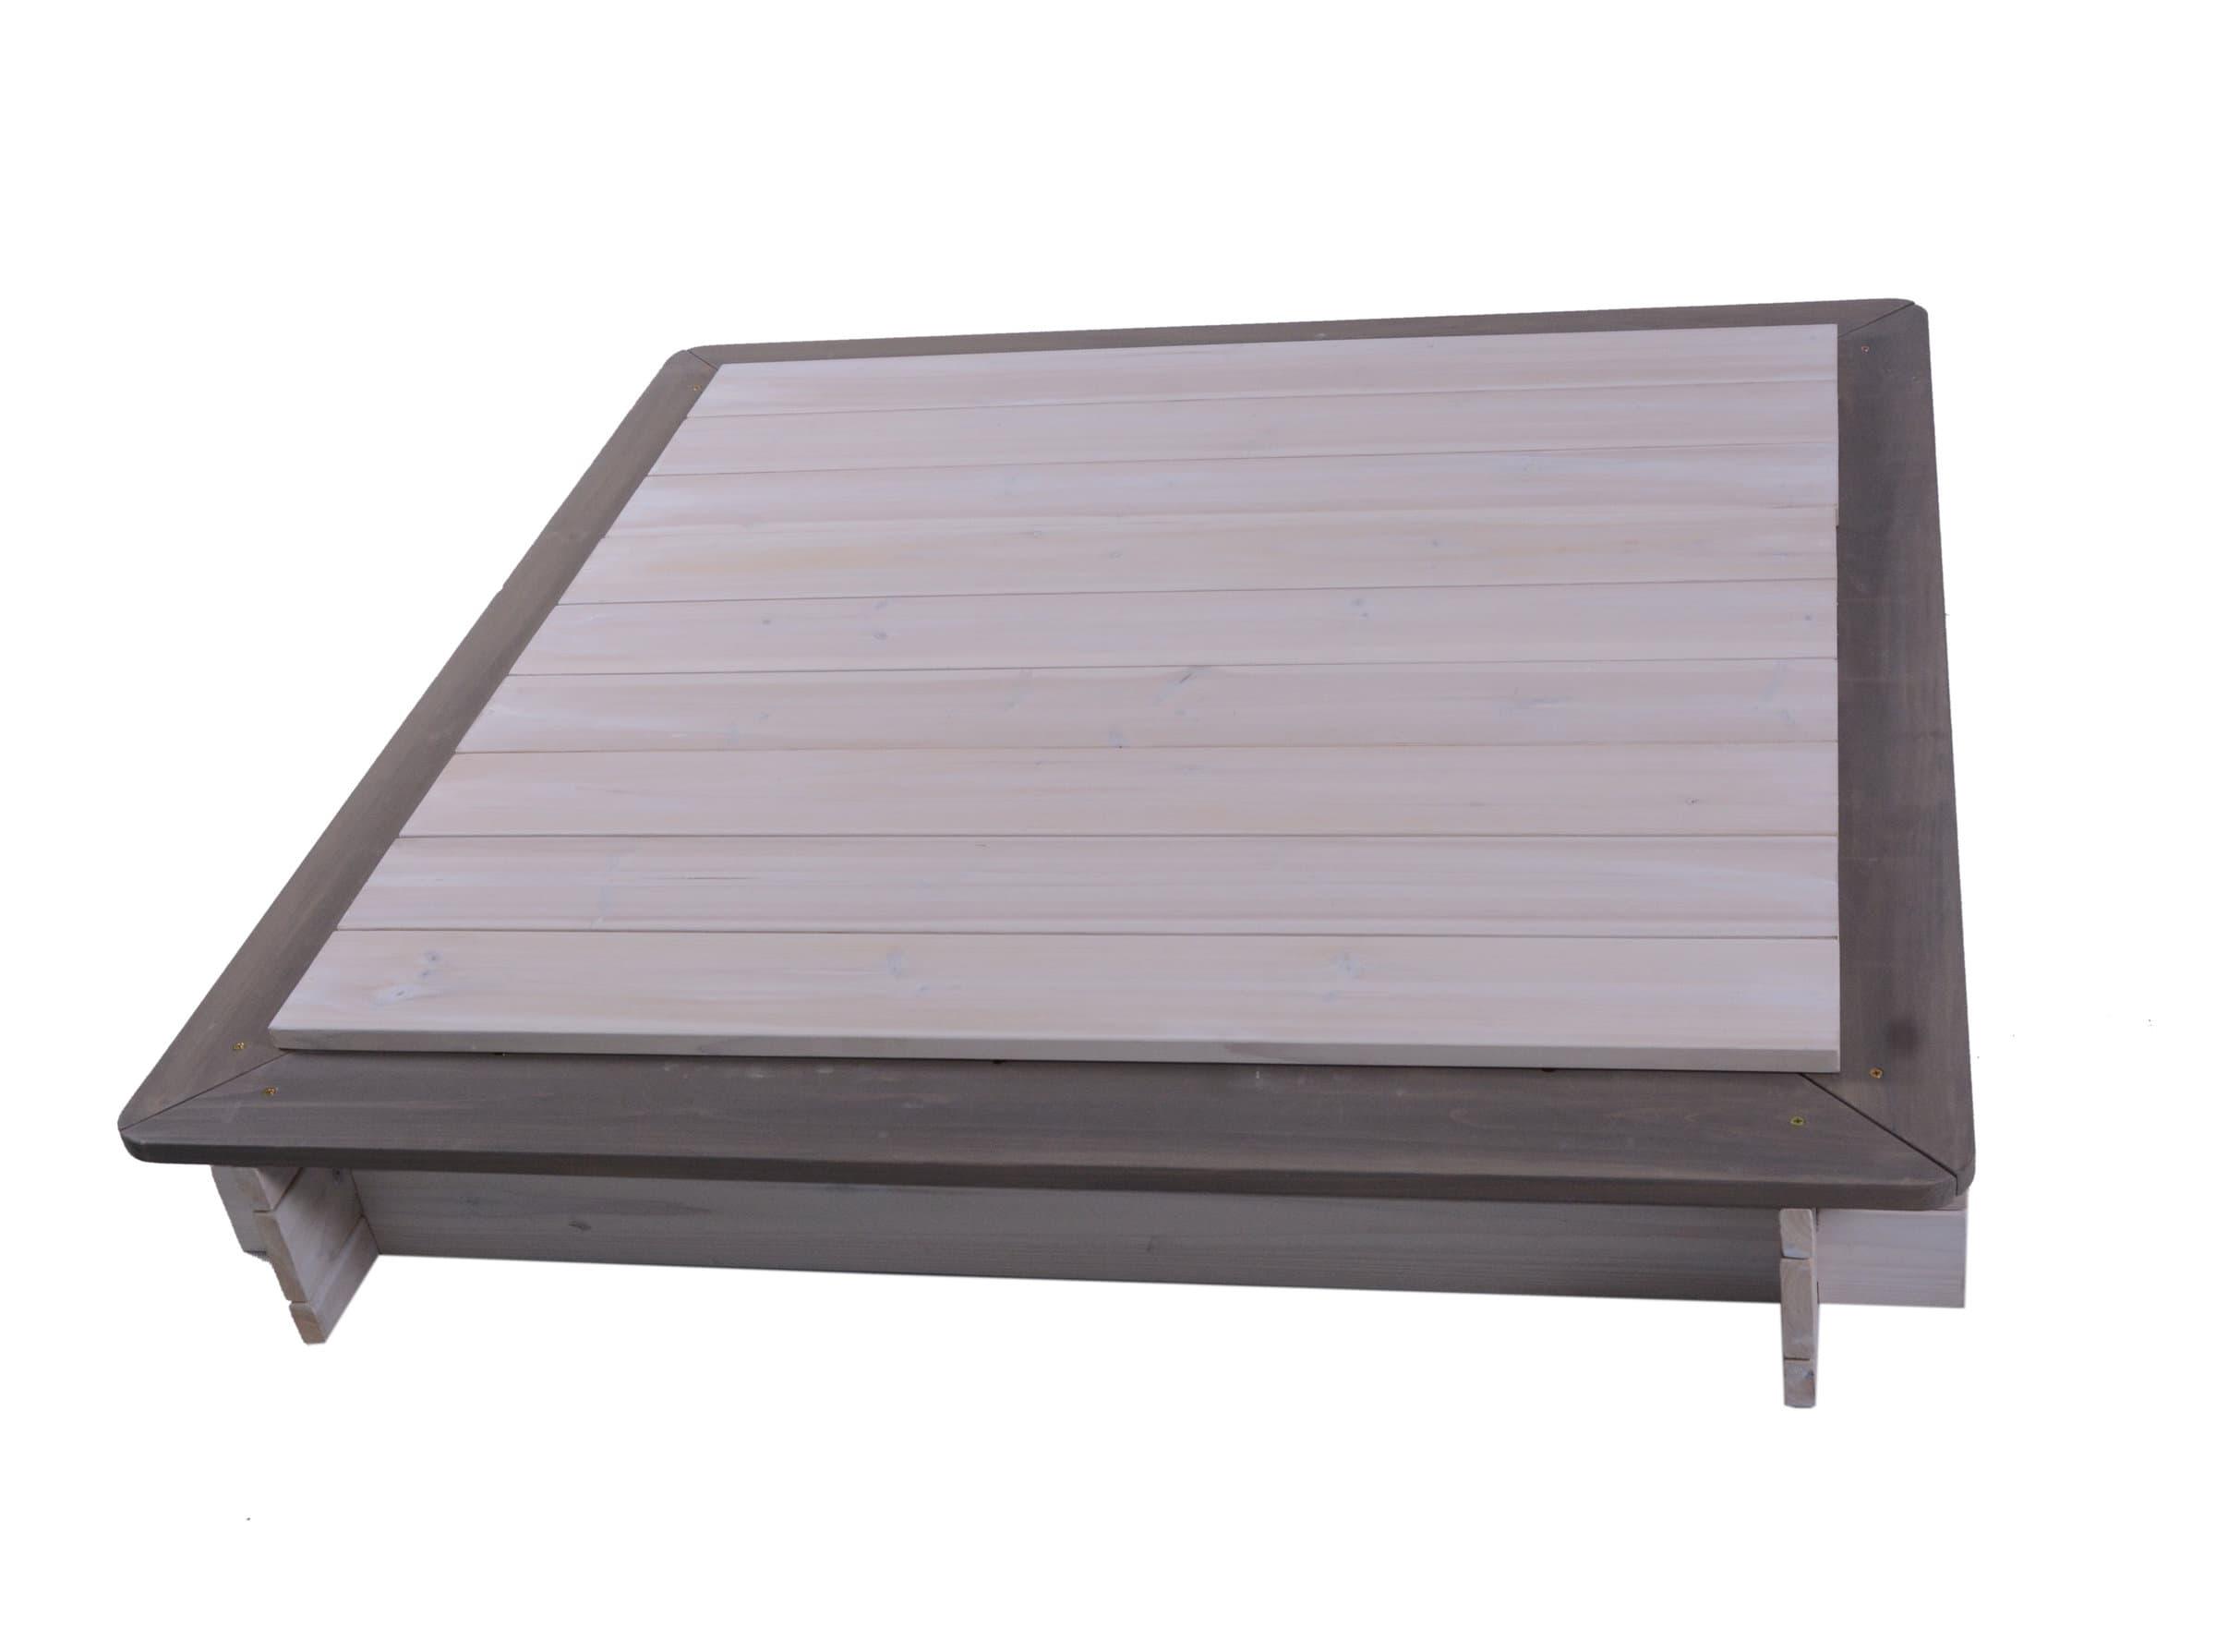 sandkasten viereckig mit deckel migros. Black Bedroom Furniture Sets. Home Design Ideas